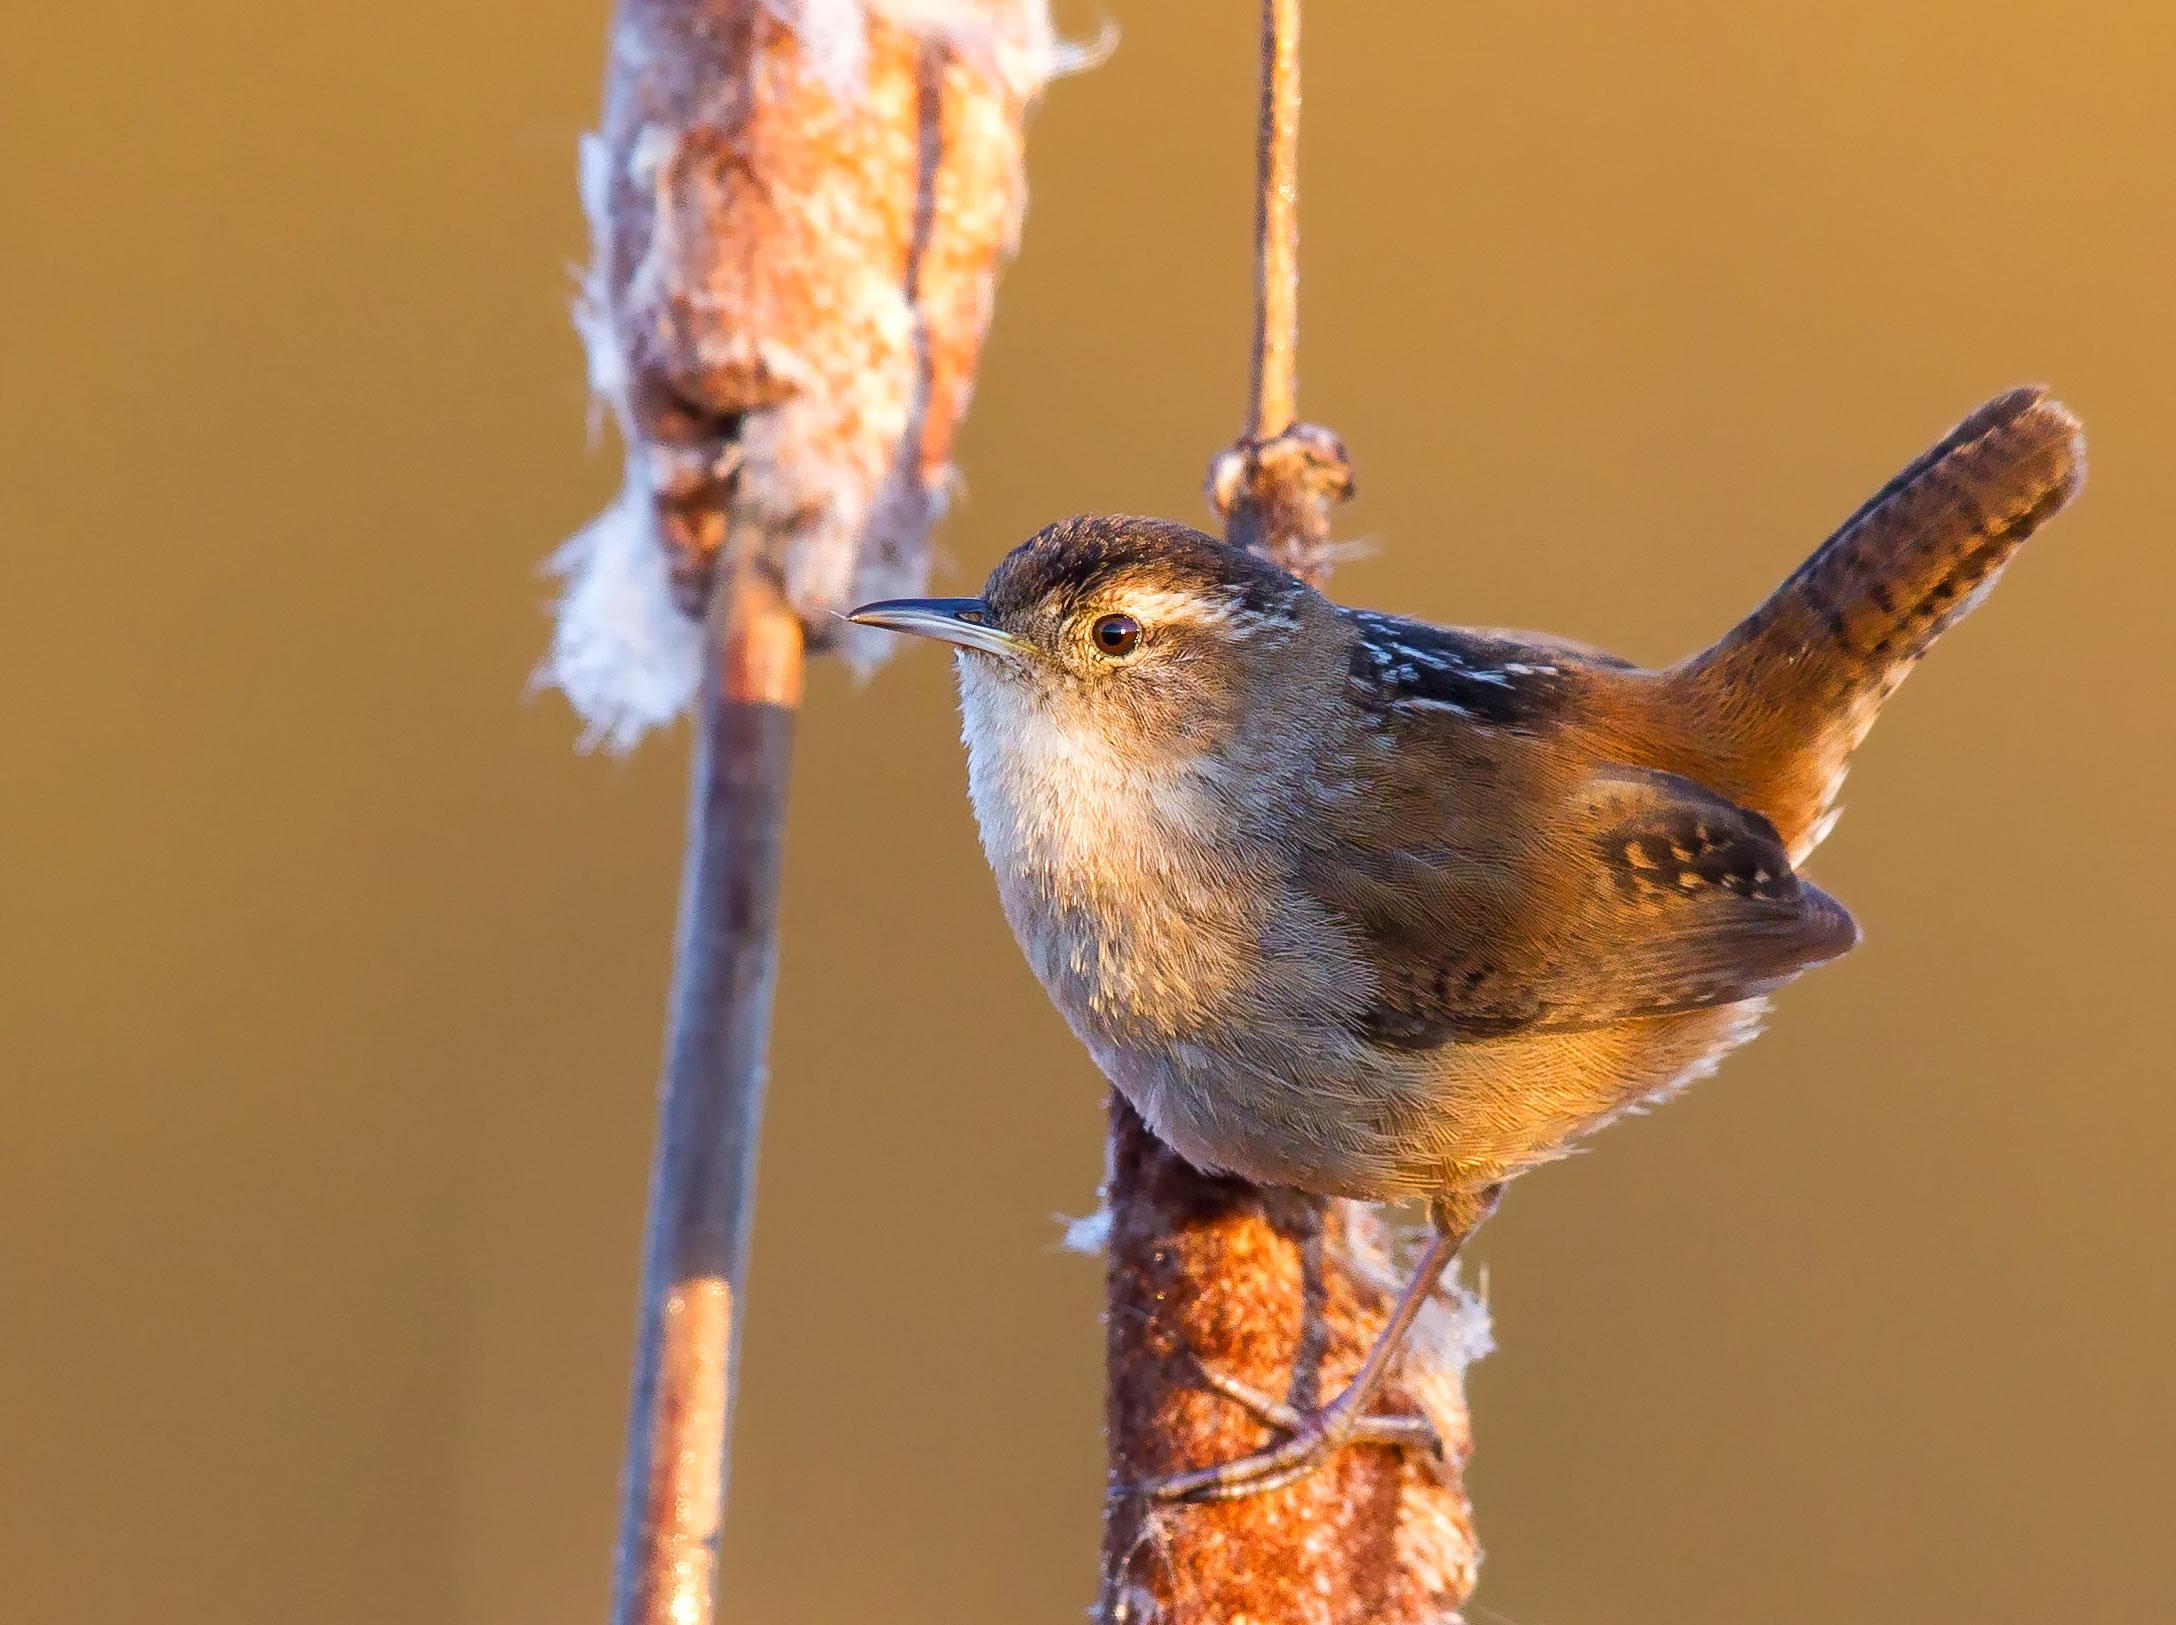 Marsh Wren. Boe Baty/Audubon Photography Awards